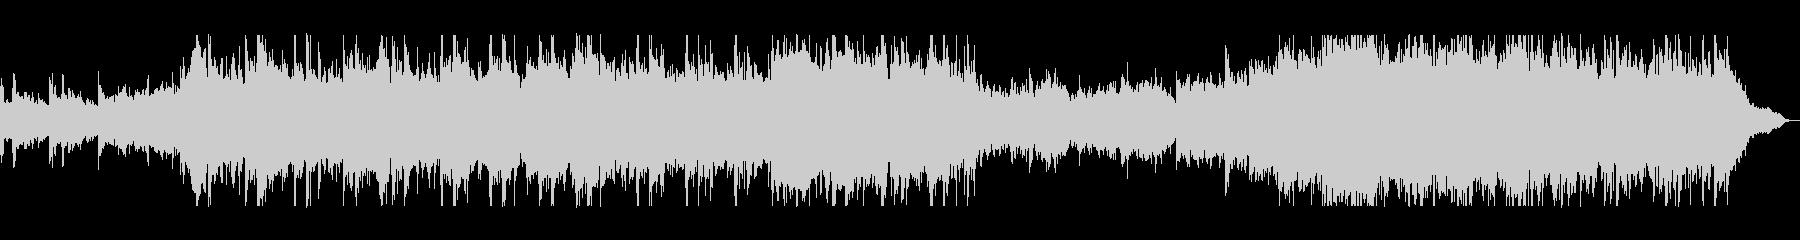 映画の中で使用されるような曲の未再生の波形